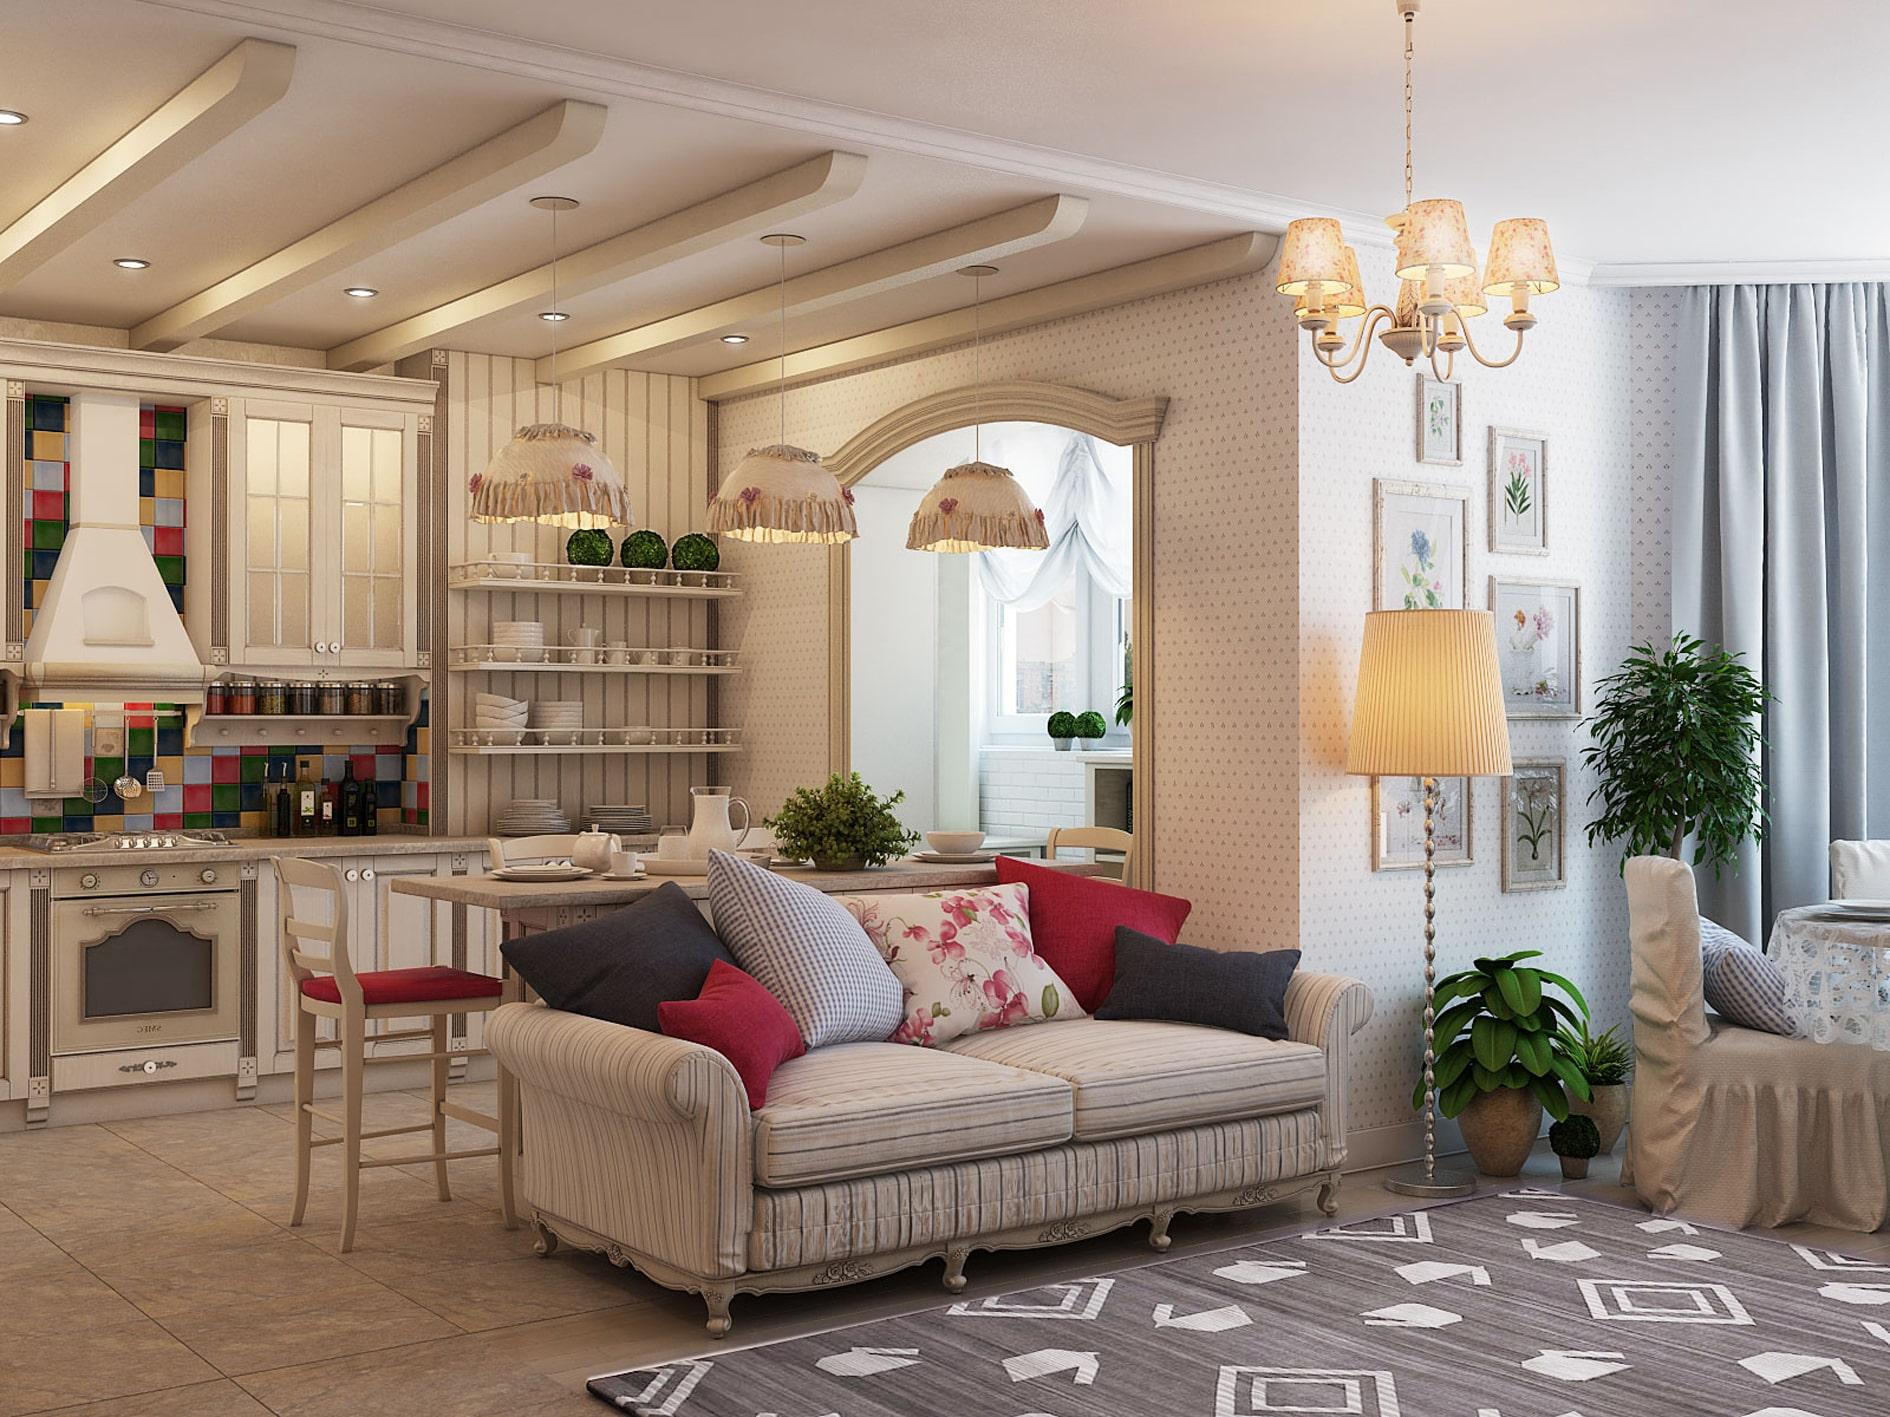 Деревянные балки на потолке - это характерная черта стиля прованс